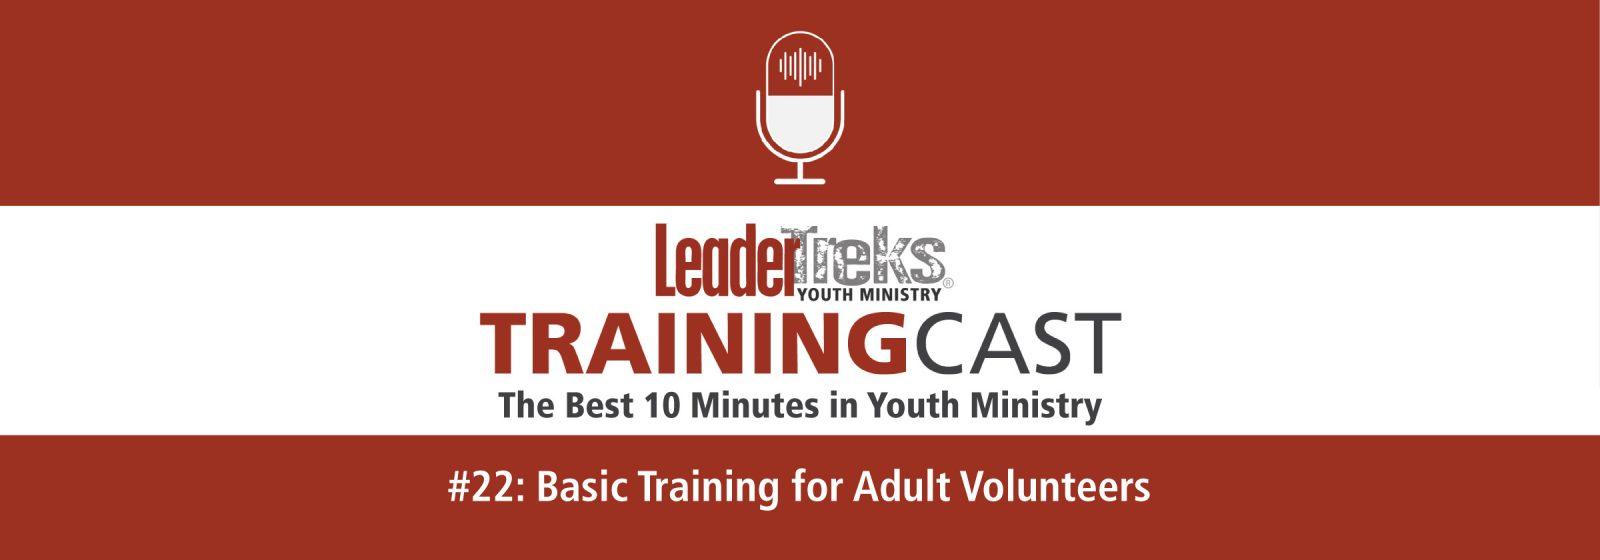 basic training for adult volunteers trainingcast